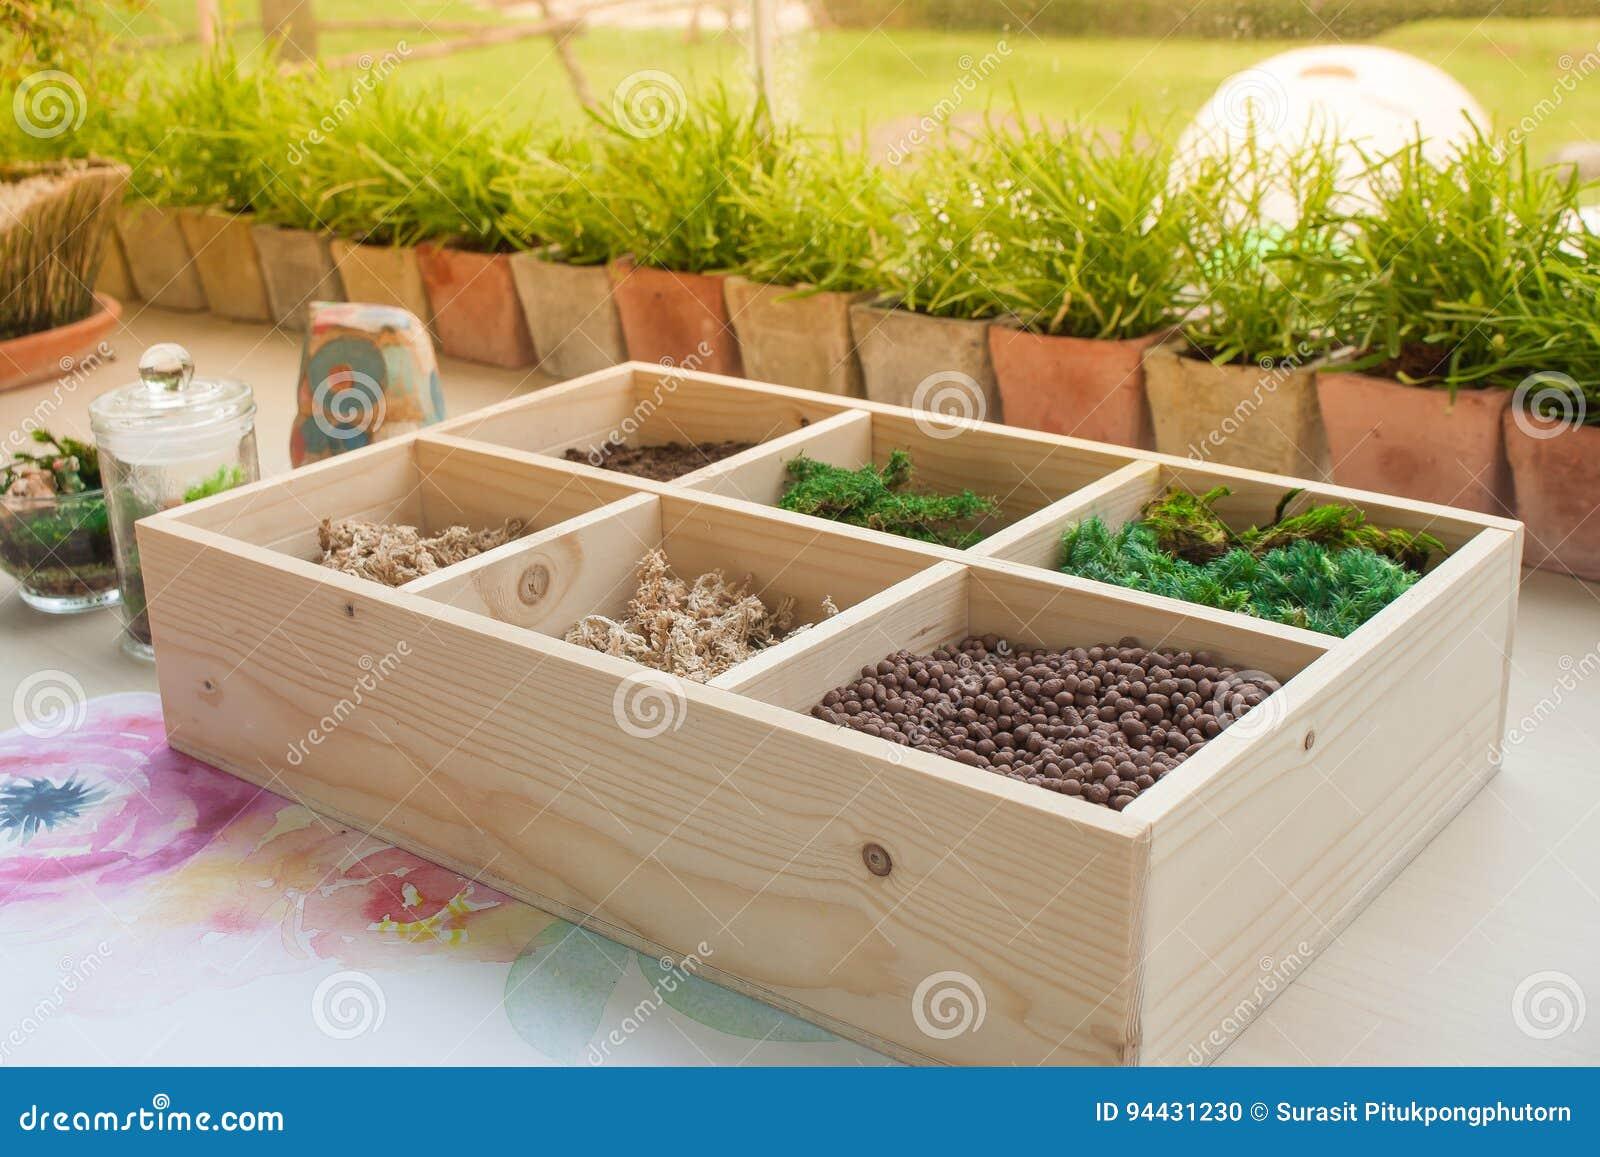 Decorazioni In Legno Per Giardino : Attrezzi da giardino impostato su un marrone tavolo in legno con